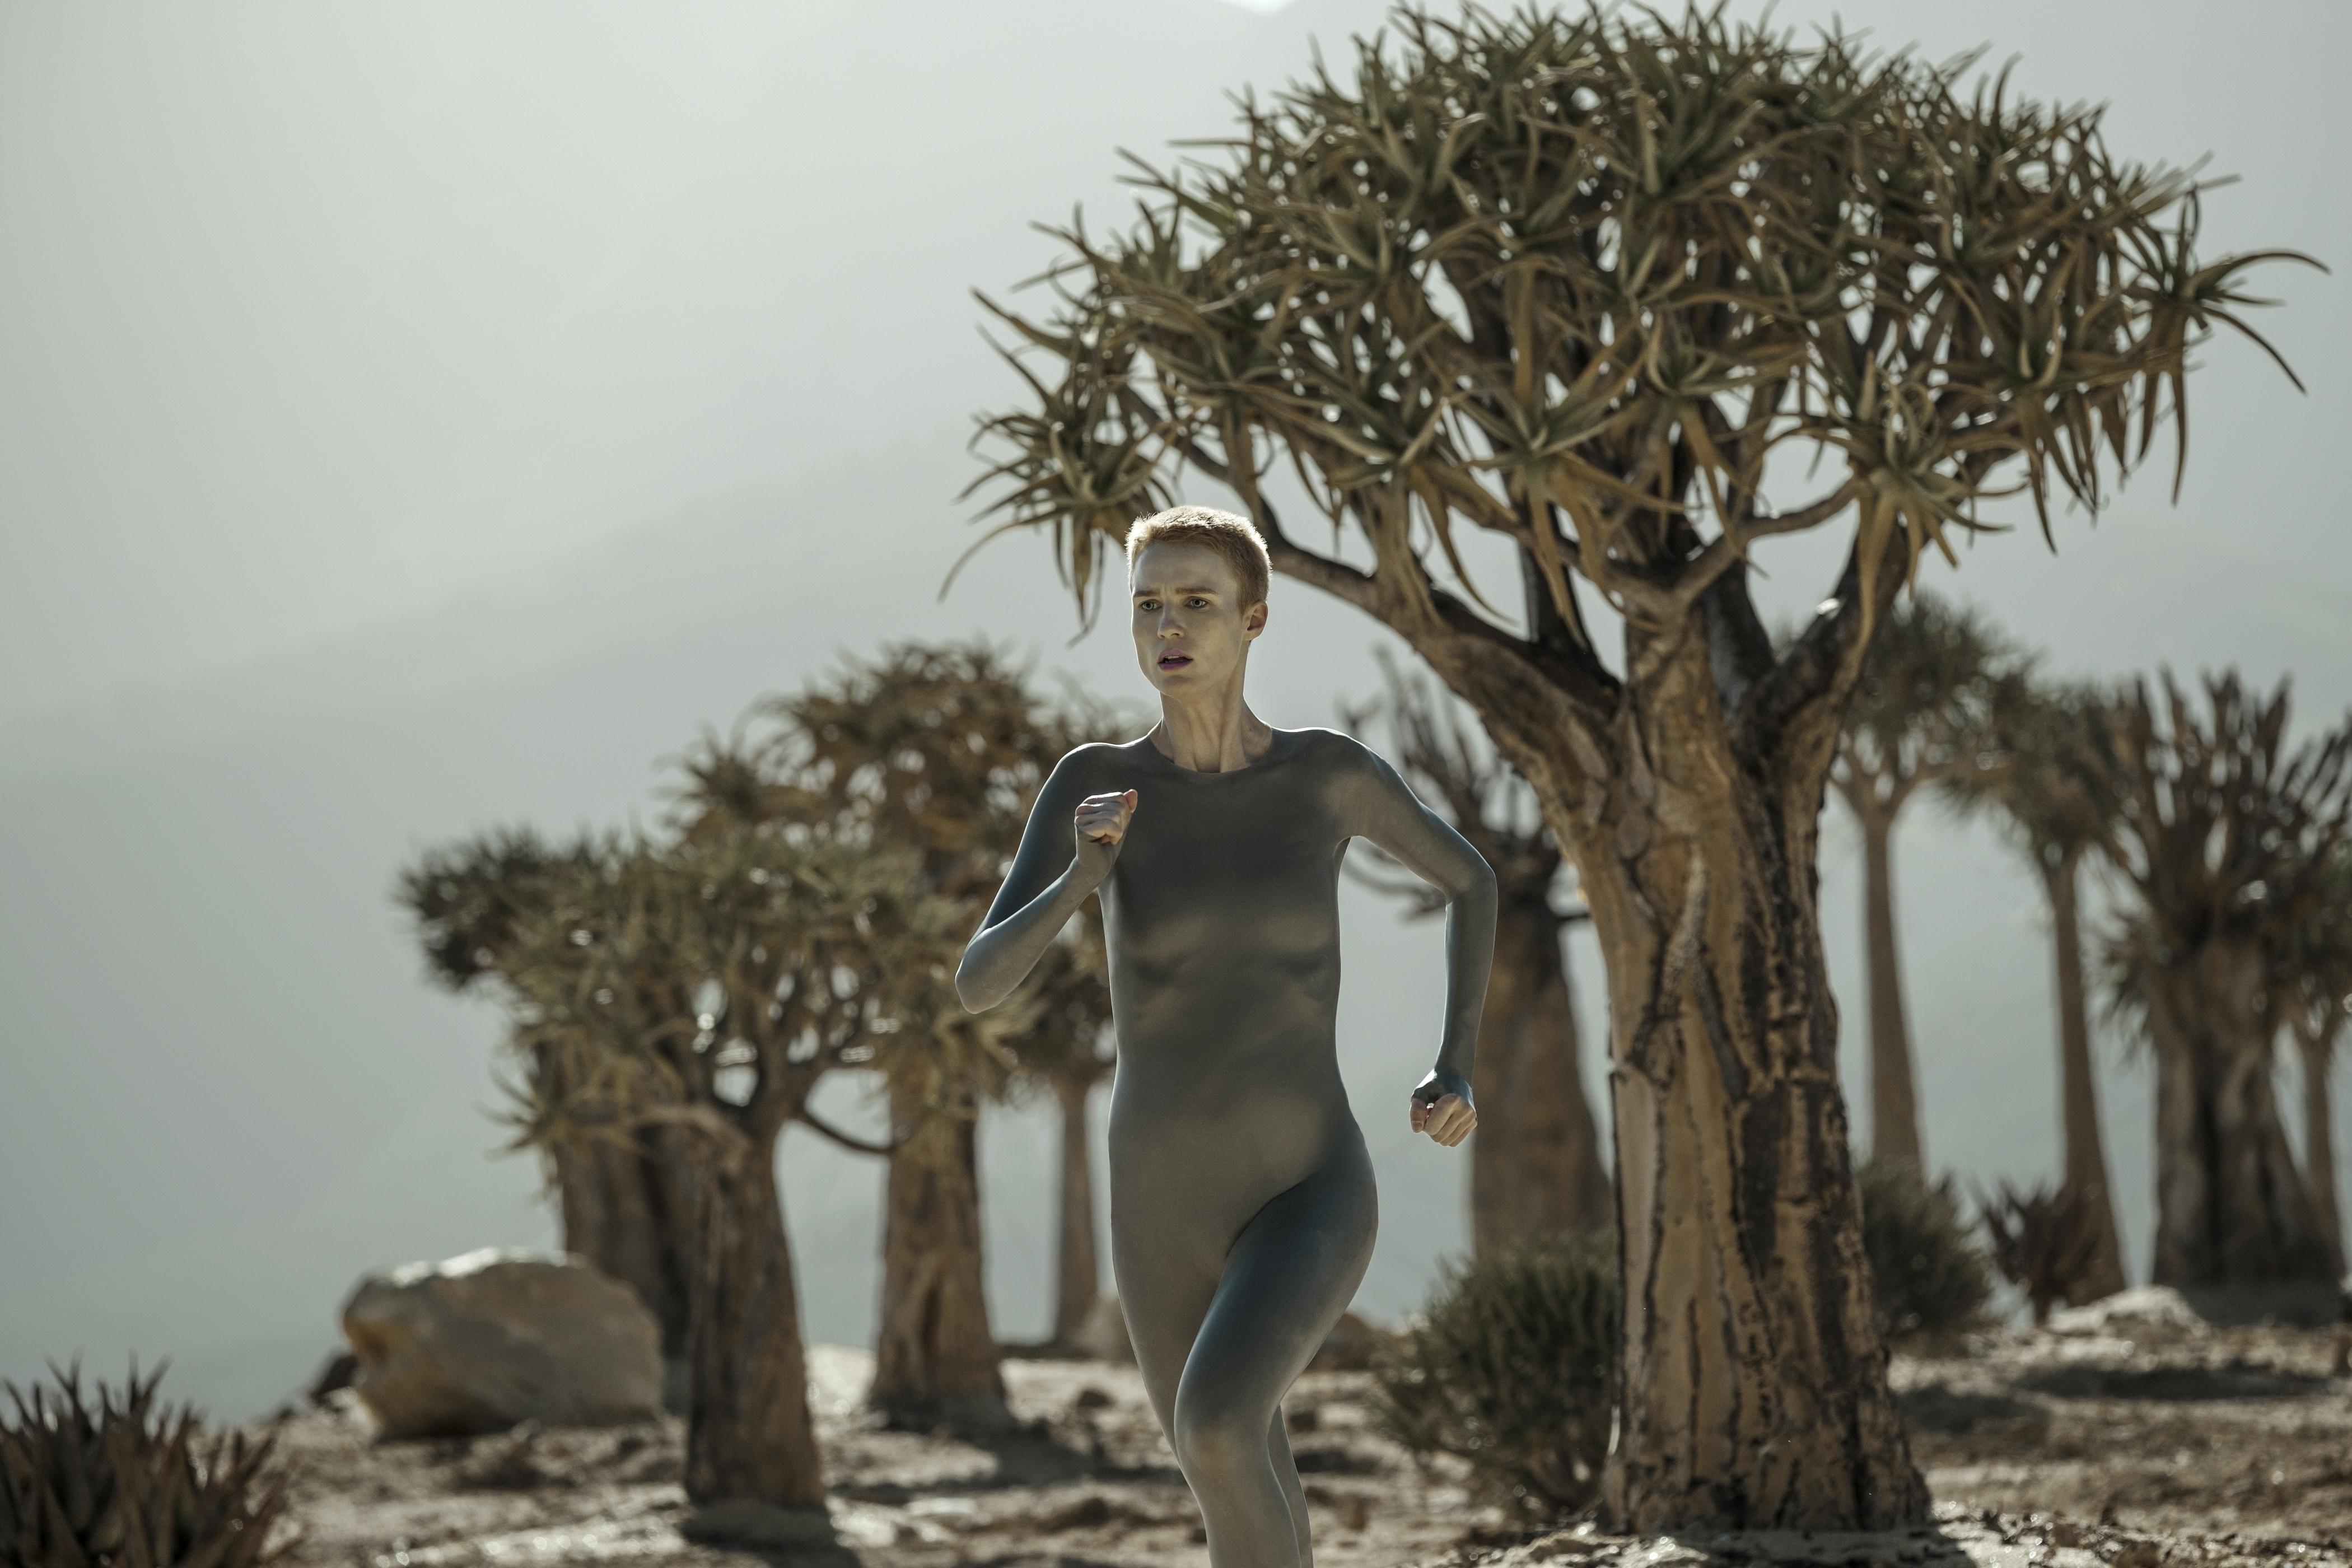 HBO Max原创影集《异星灾变》(Raised By Wolves) 将于下周四(9月3日)独家于HBO GO播出前3集。-华纳媒体提供-